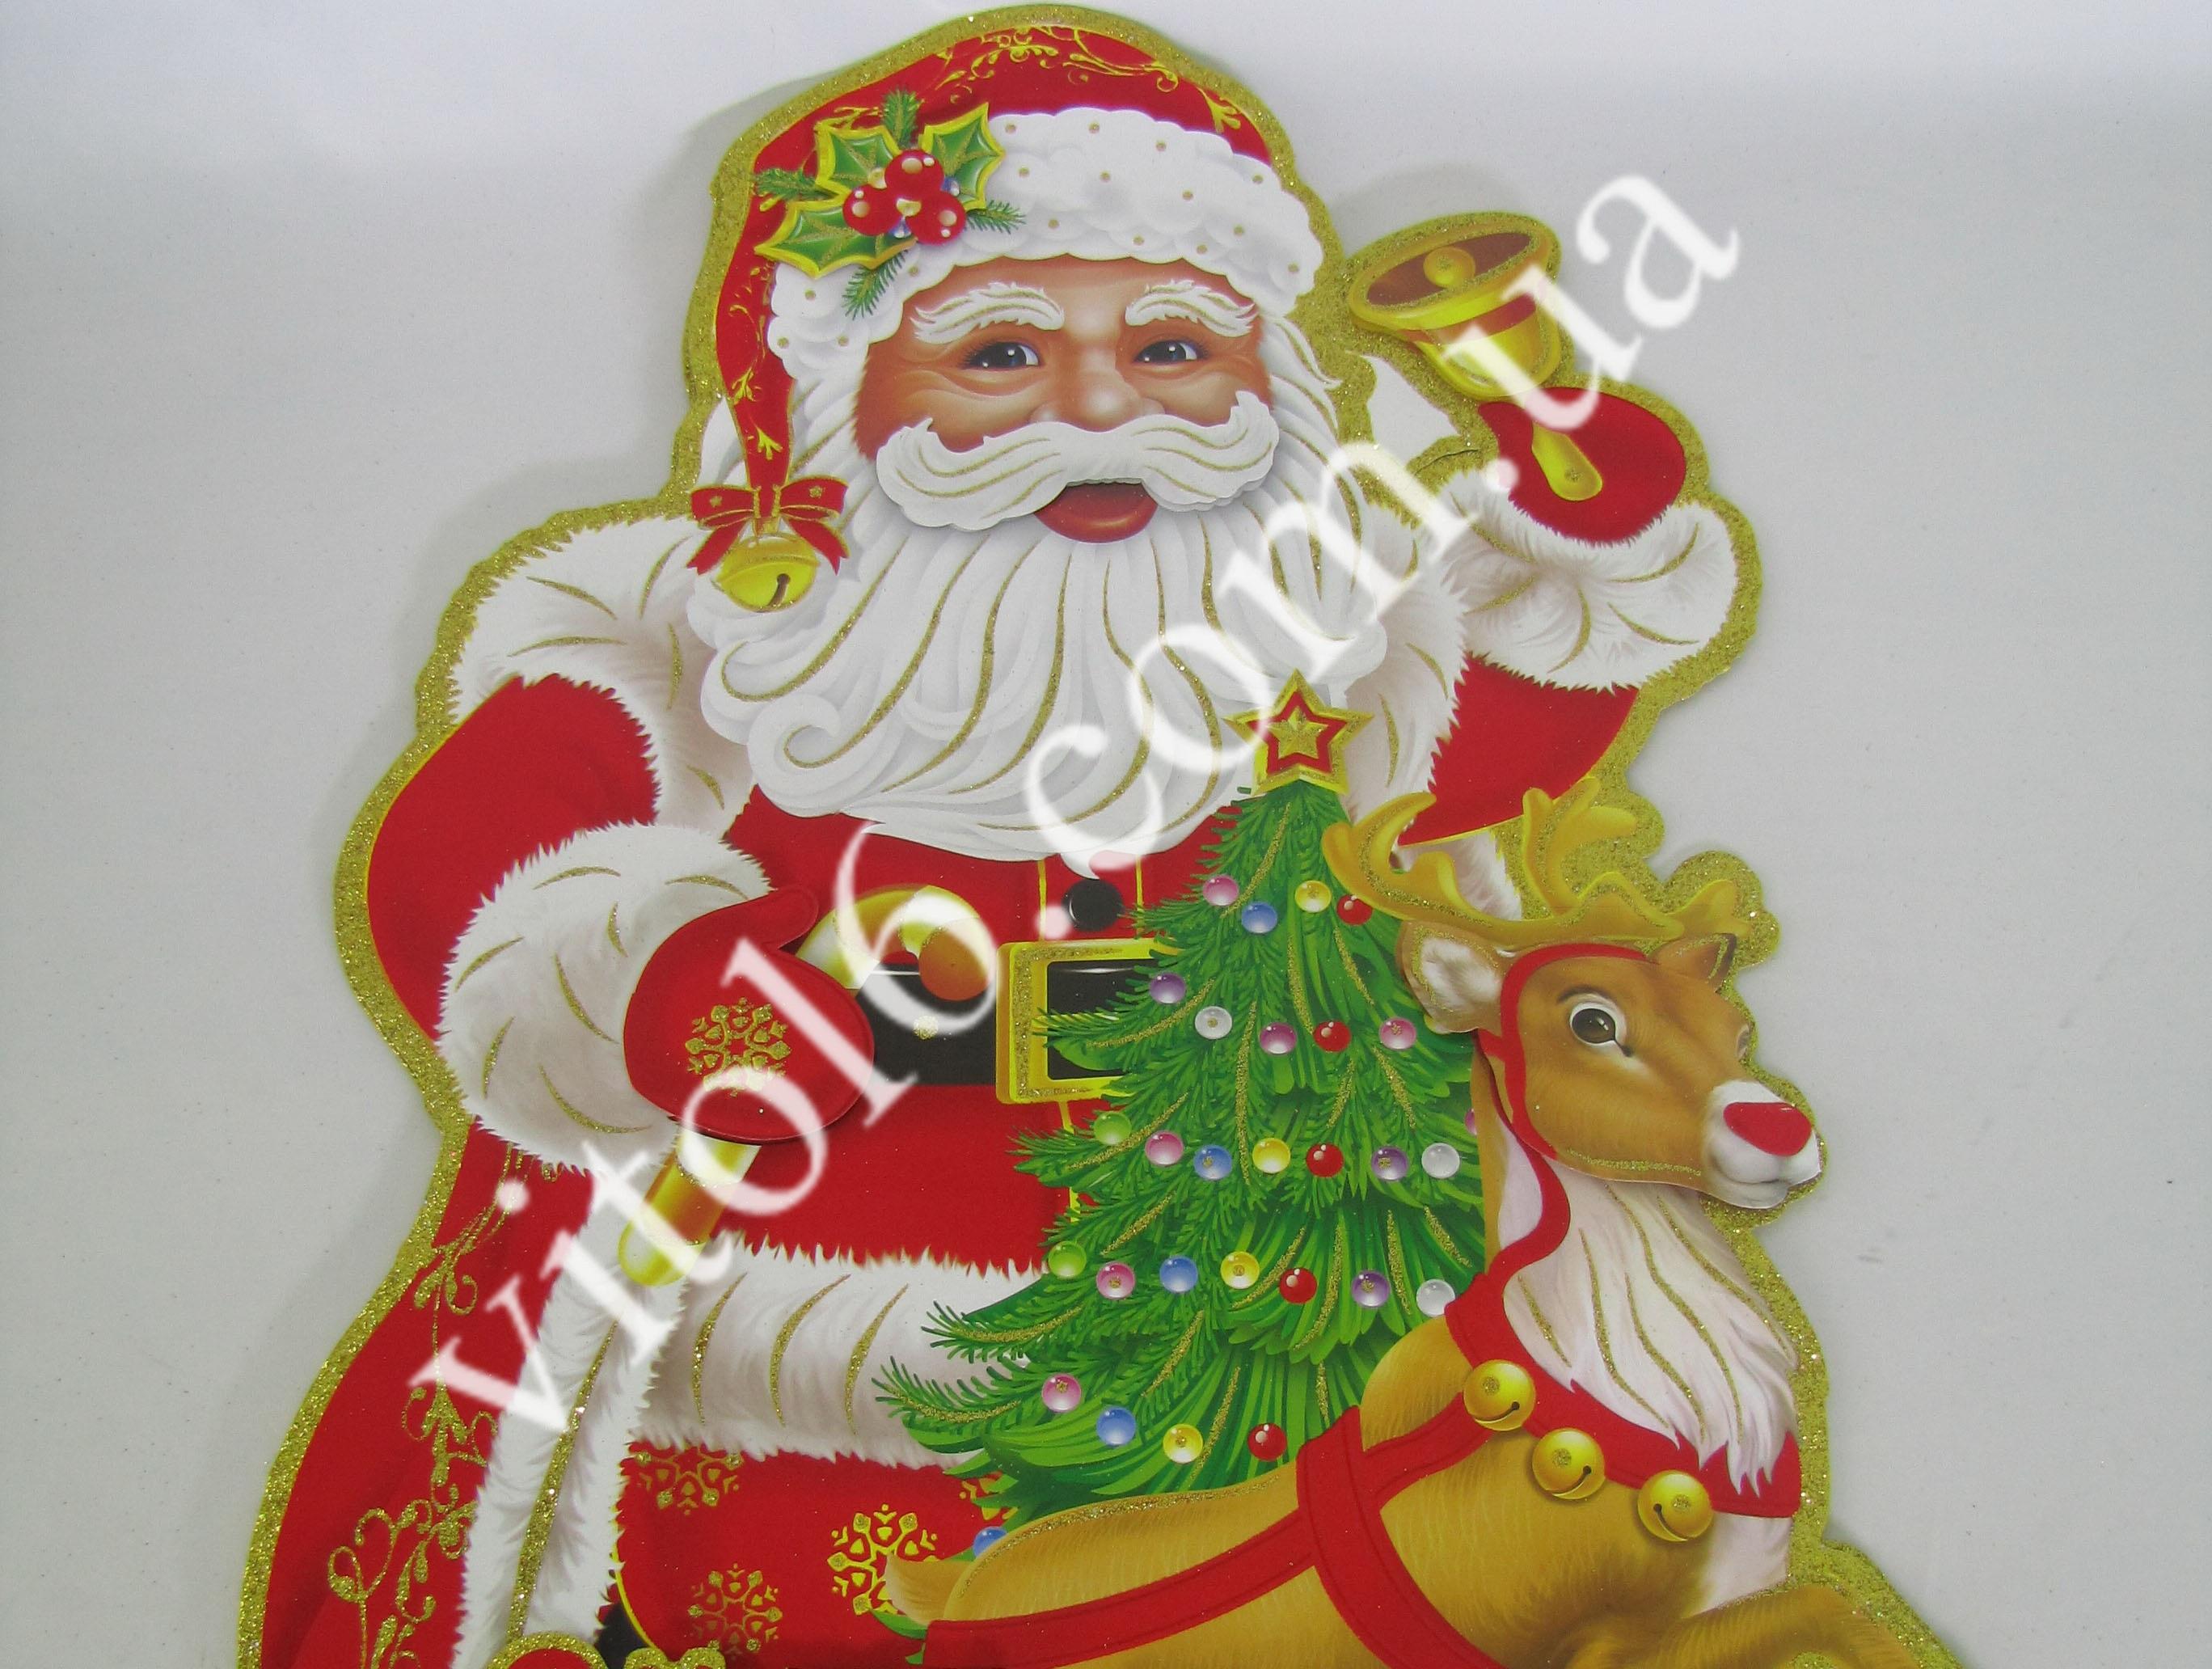 Композиция картонная Дед Мороз VT6-15181(100)